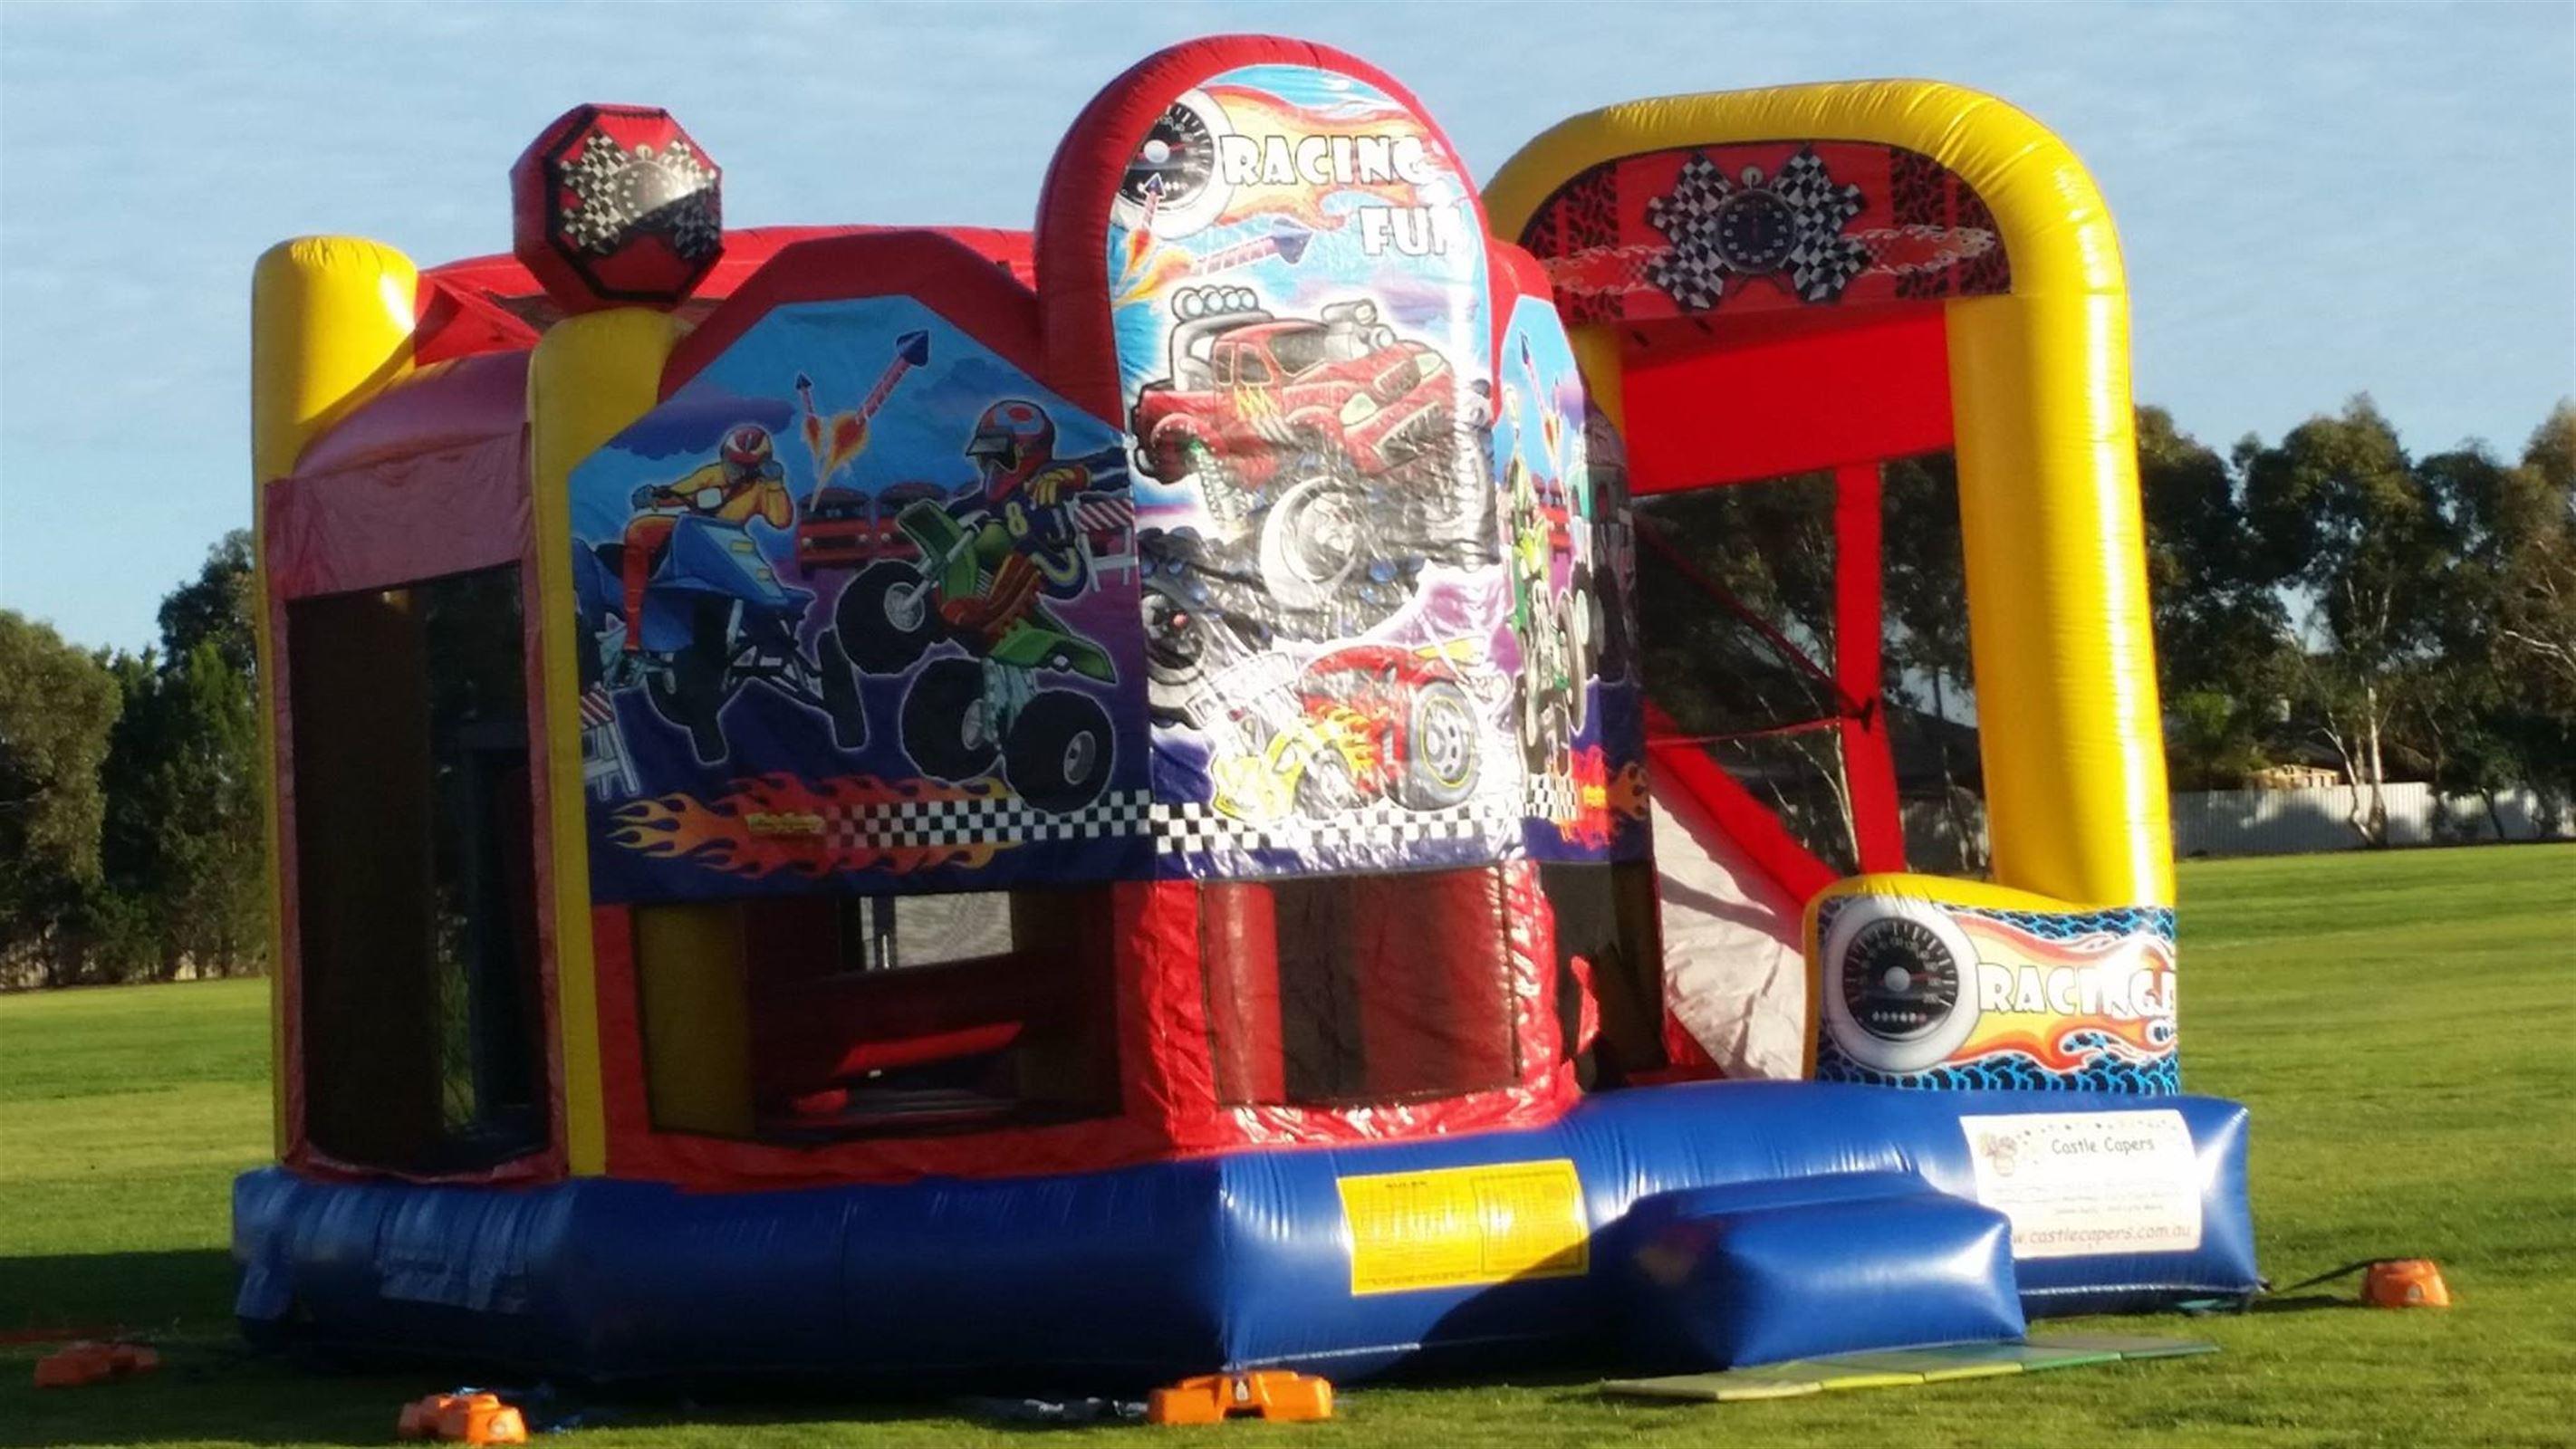 Racing Fun Xl Bouncy Castle In Adelaide